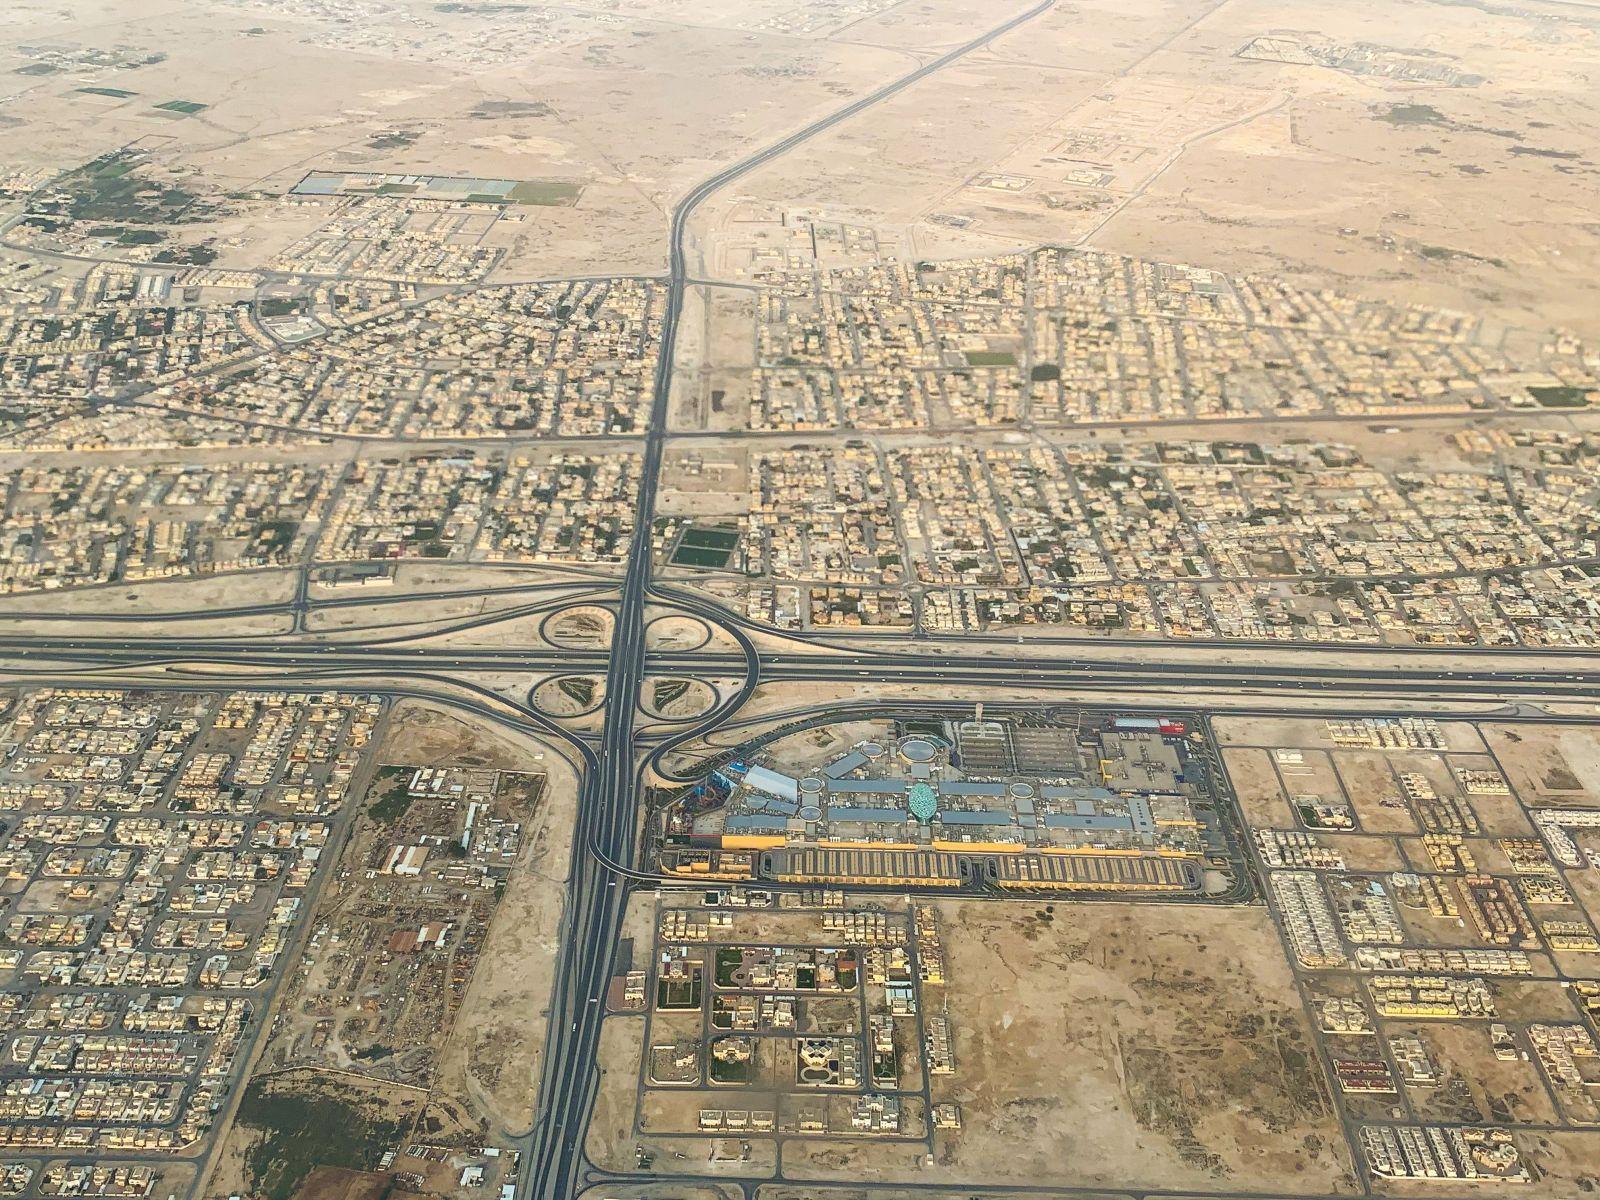 Zašiel už Katar priďaleko? Klimatizuje už aj otvorené priestranstvá a štadióny